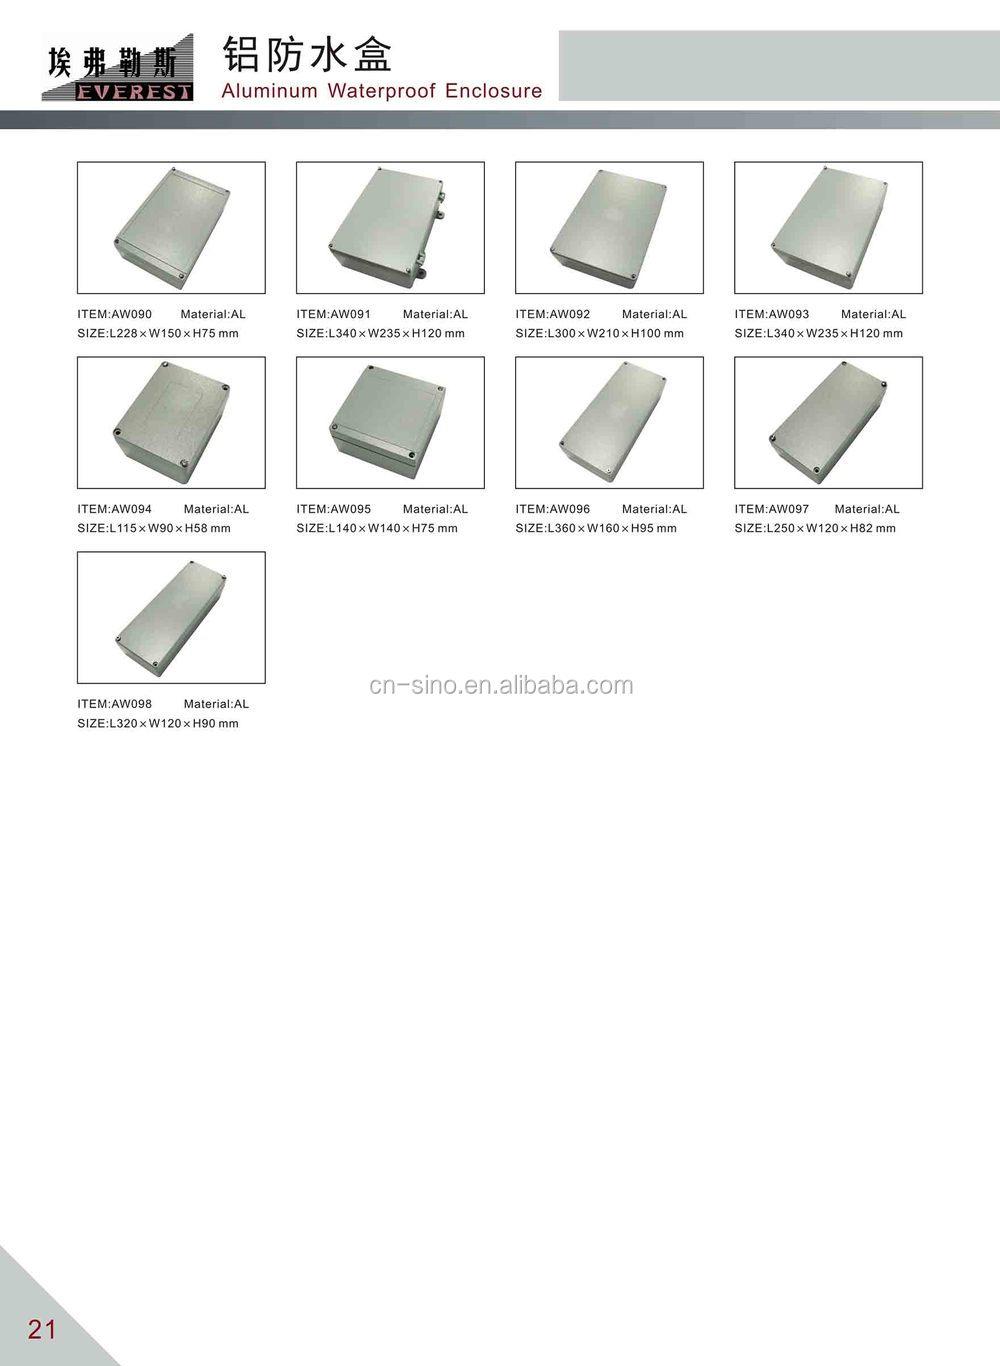 ip67 standard die cast aluminum waterproof enclosure for